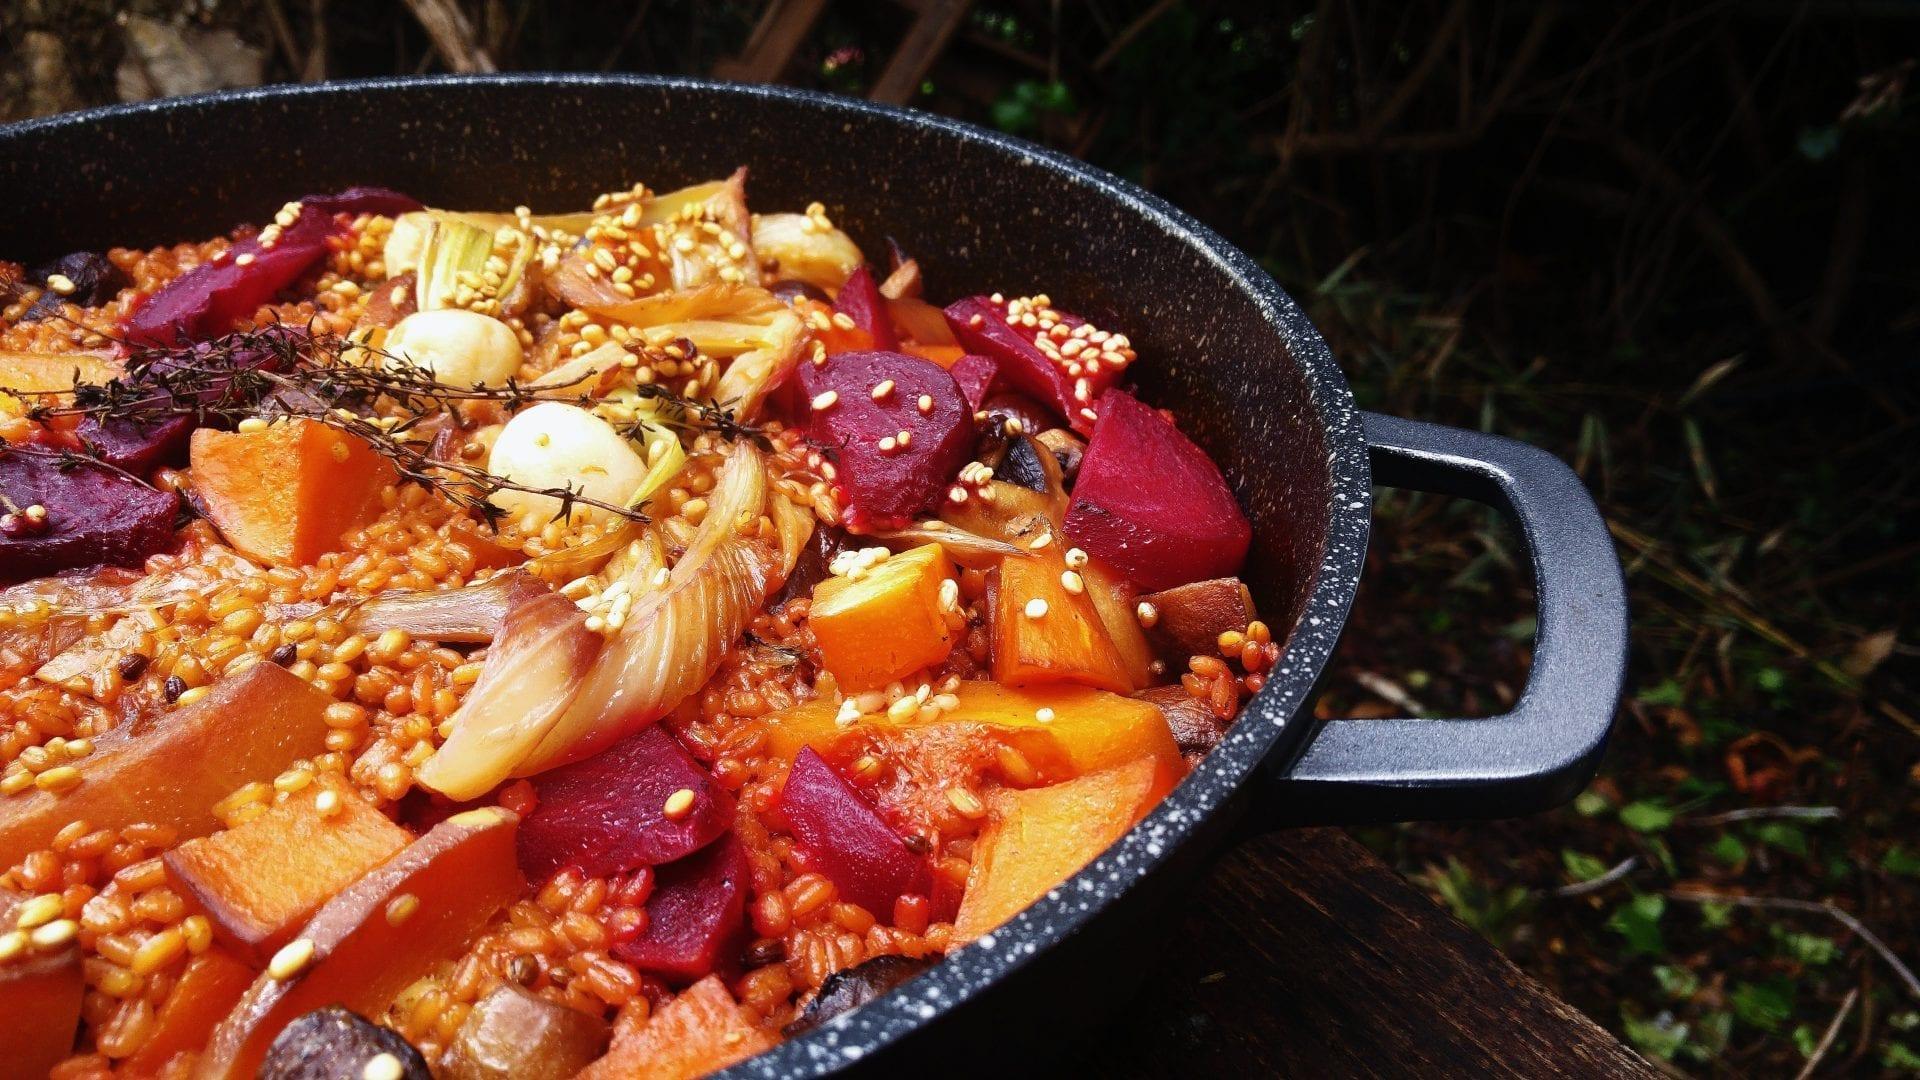 קדירת חורף טבעונית מהבילה של פטריות, ירקות שורש ויין אדום